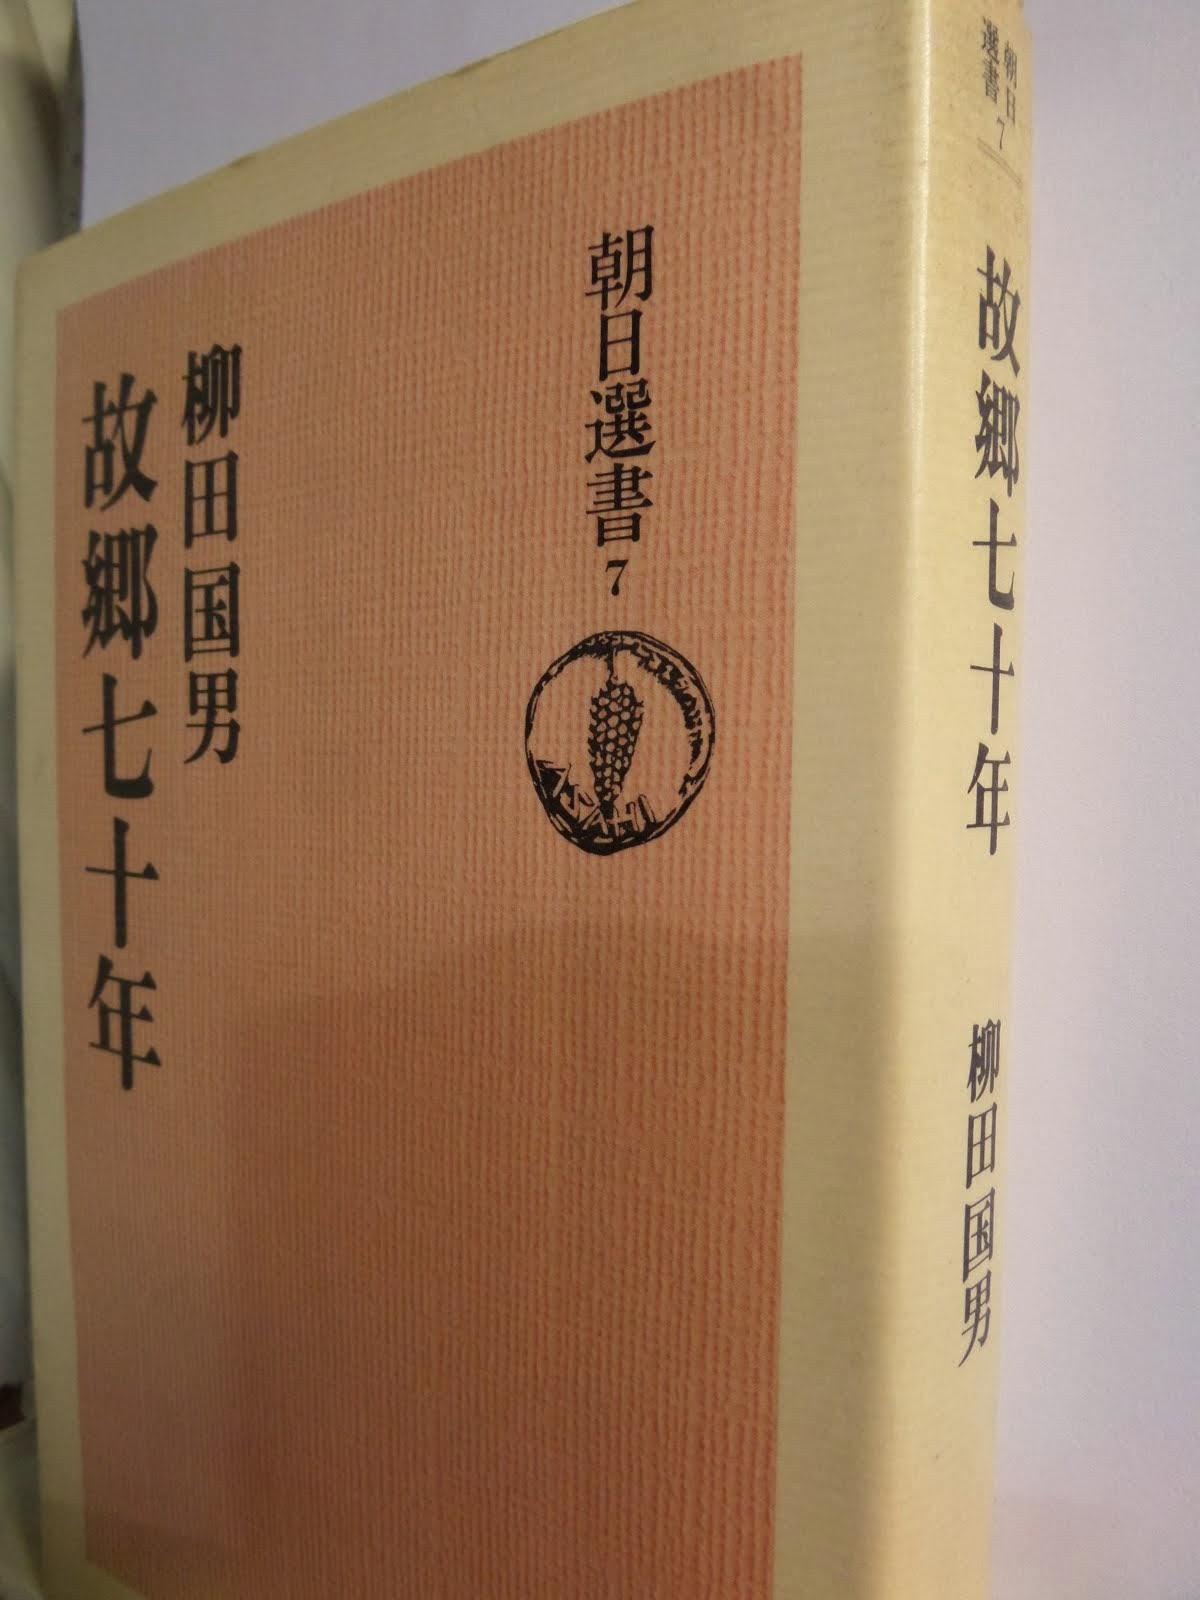 柳田国男著「故郷七十年」(朝日選書 7  )を読む